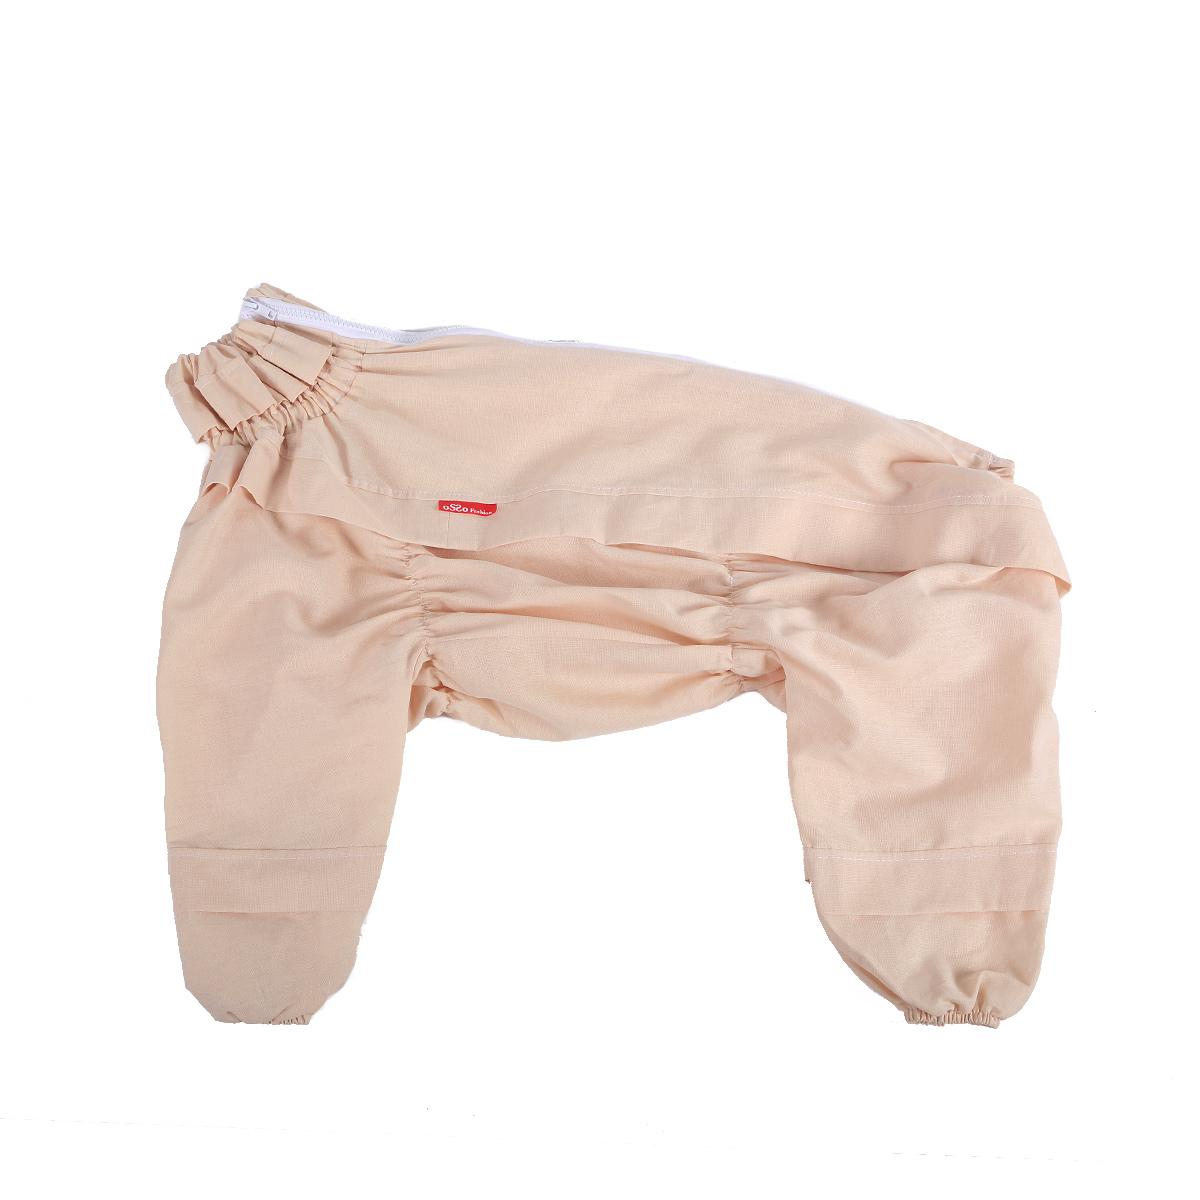 Комбинезон для собак OSSO Fashion, от клещей, для девочки, цвет: бежевый. Размер 65Кк-1011Комбинезон от клещей с ловушками OSSO Fashion изготовлен из 100% хлопка, имеет светлую расцветку, на которой сразу будут заметны кровососущие насекомые. Комбинезон от клещей с ловушками OSSO Fashion предназначен для защиты собак во время прогулок по парку и лесу. Разработан с учетом особенностей поведения клещей. На комбинезоне от клещей OSSO Fashionимеются складки-ловушки на груди, на штанинах, на боках комбинезона и на шее, которые преграждают движение насекомого вверх. Комбинезон очень легкий и удобный. Низ штанин на резинке, на спине молния. Как это работает? Перед прогулкой нужно распылить акарицидное средство от клещей под складки-ловушки комбинезона (по всей длине складки). Клещ попадая под складку сам не может обойти препятствие и погибает, он также не может впиться в кожу питомца через ткань. Рекомендуем обрабатывать не весь комбинезон, а только складки-ловушки. После прогулки желательно осмотреть комбинезон на наличие клещей, предотвратив попадание их в дом. Комбинезоны от клещей с ловушками OSSO Fashion обеспечивают комфортные условия пребывания собаки на природе в любую погоду, в том числе и в летнюю жару в пик сезона активности клещей, за счет дышащей ткани из 100% хлопка и светлой расцветки.Длина спинки: 65 см. Объем груди: 74-108 см.Одежда для собак: нужна ли она и как её выбрать. Статья OZON Гид